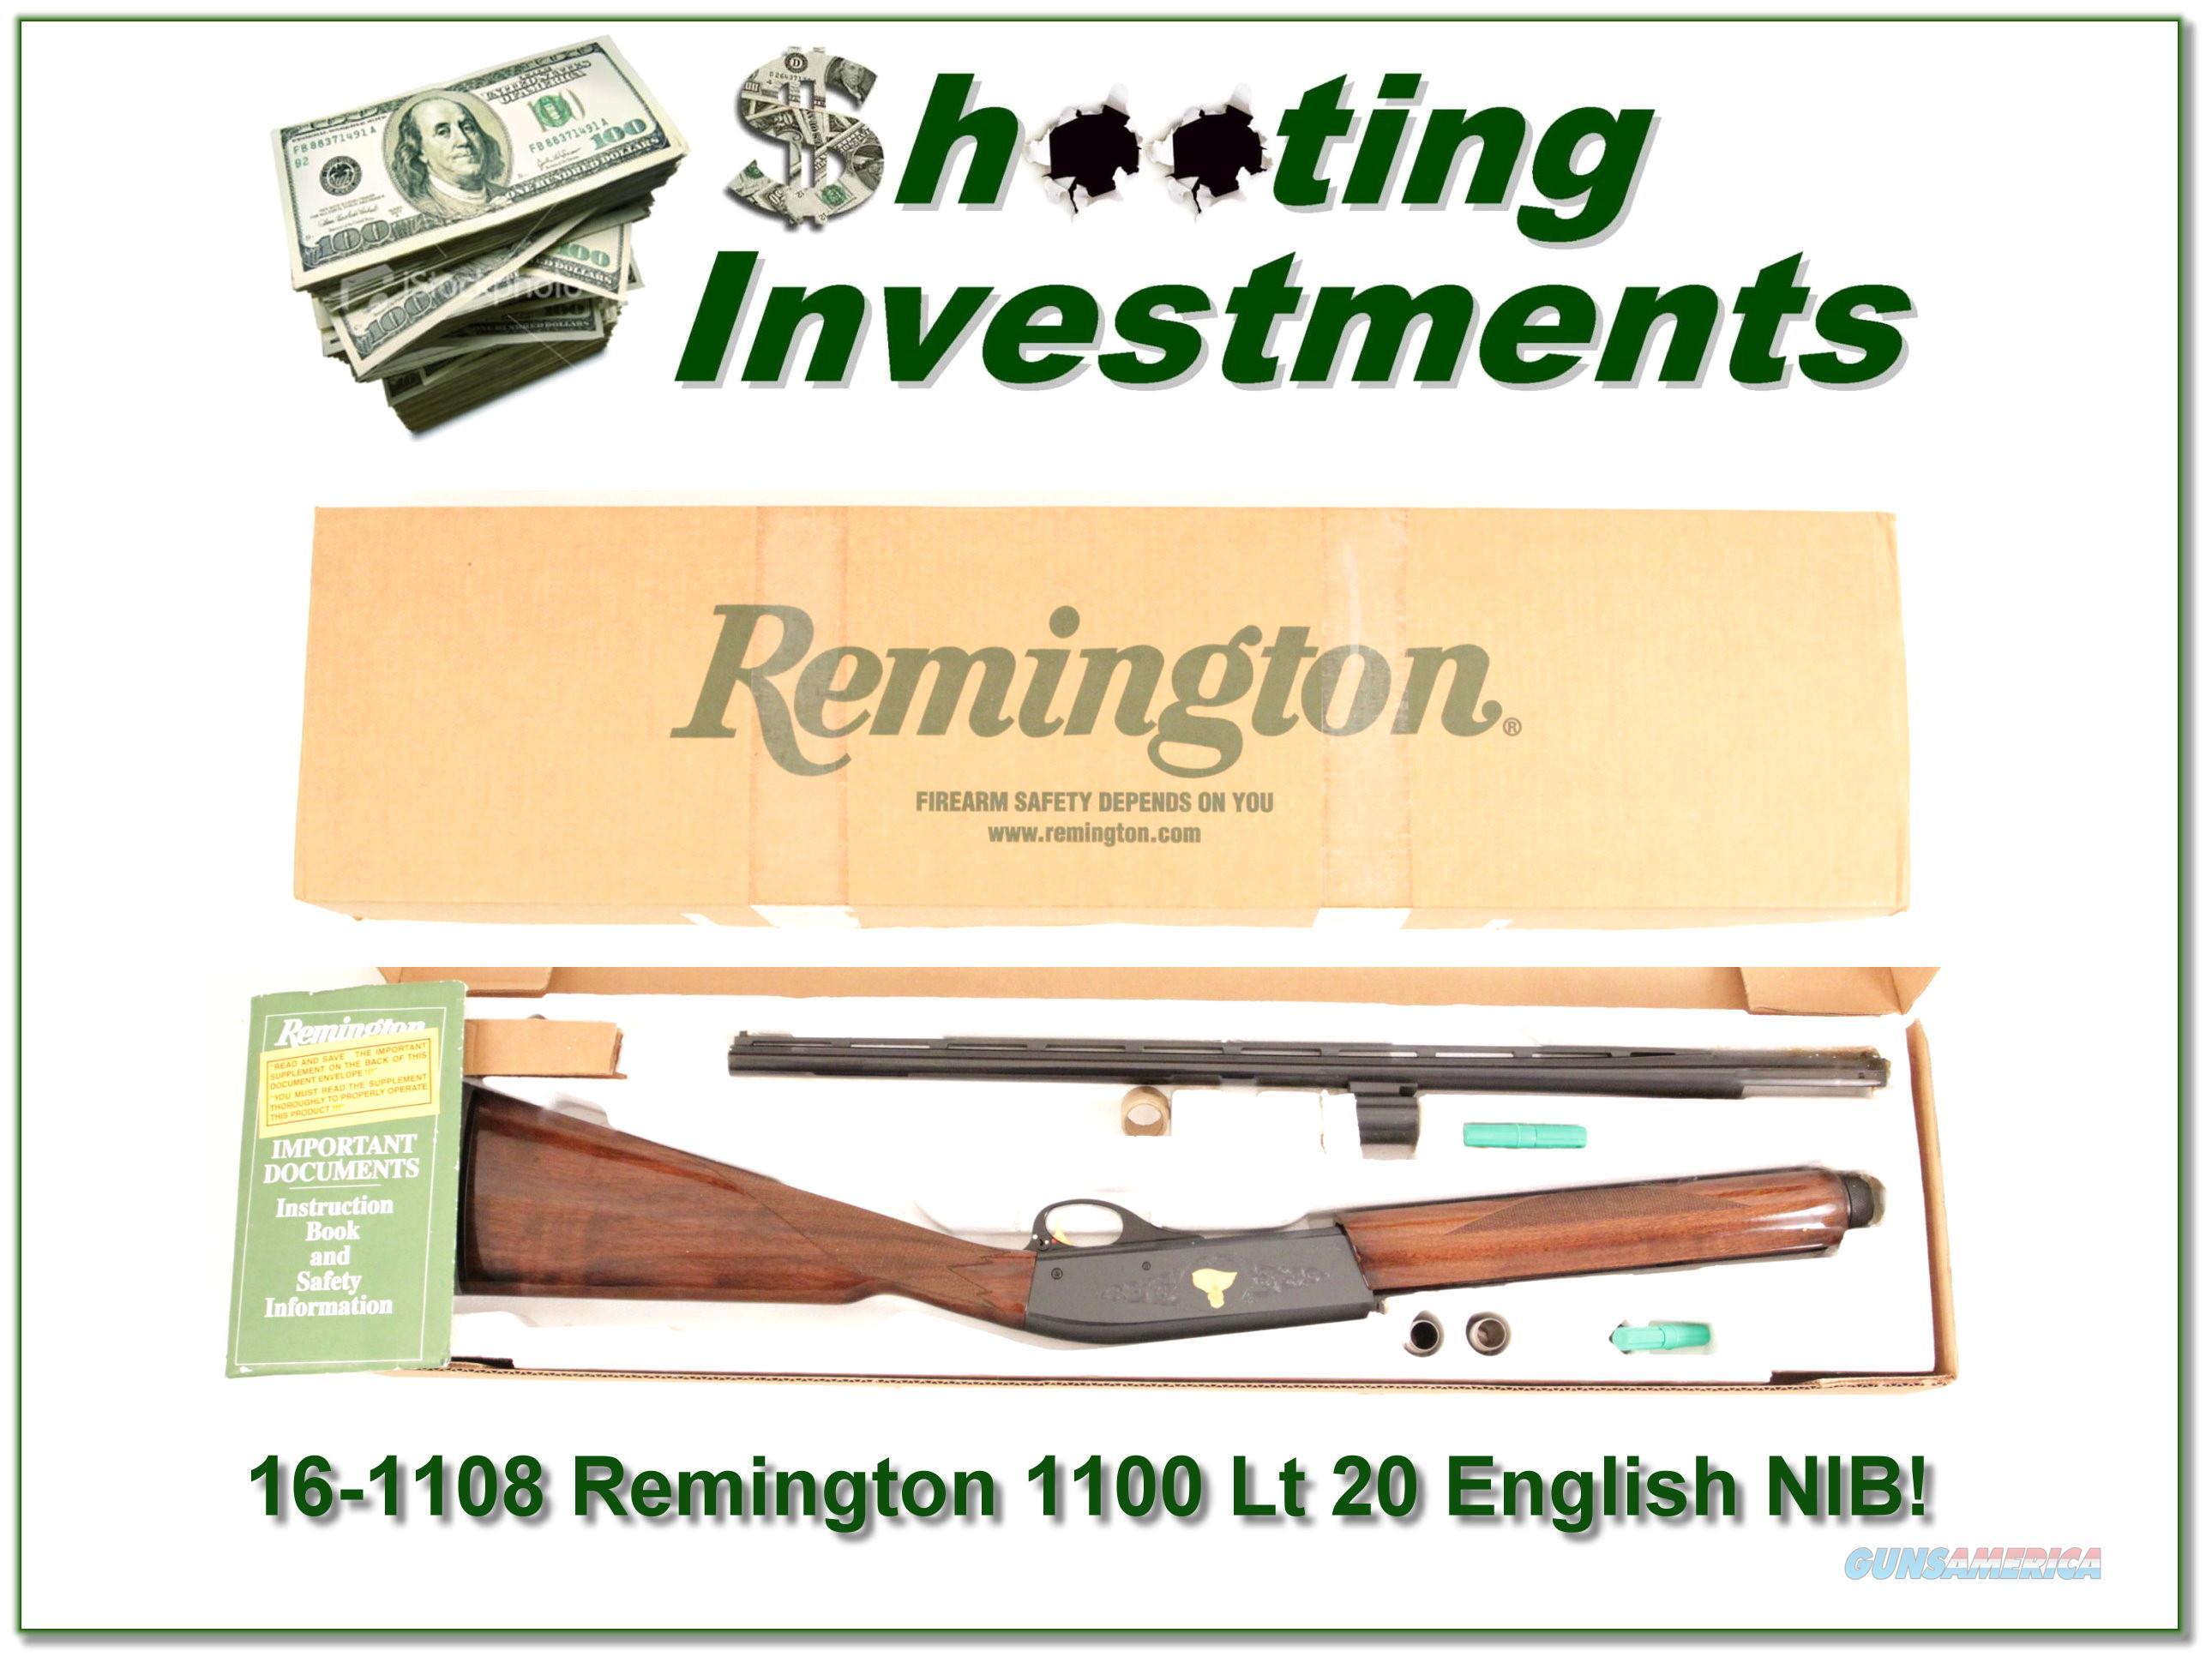 Remington 1100 LT 20 English Stock Sam Walton NIB!